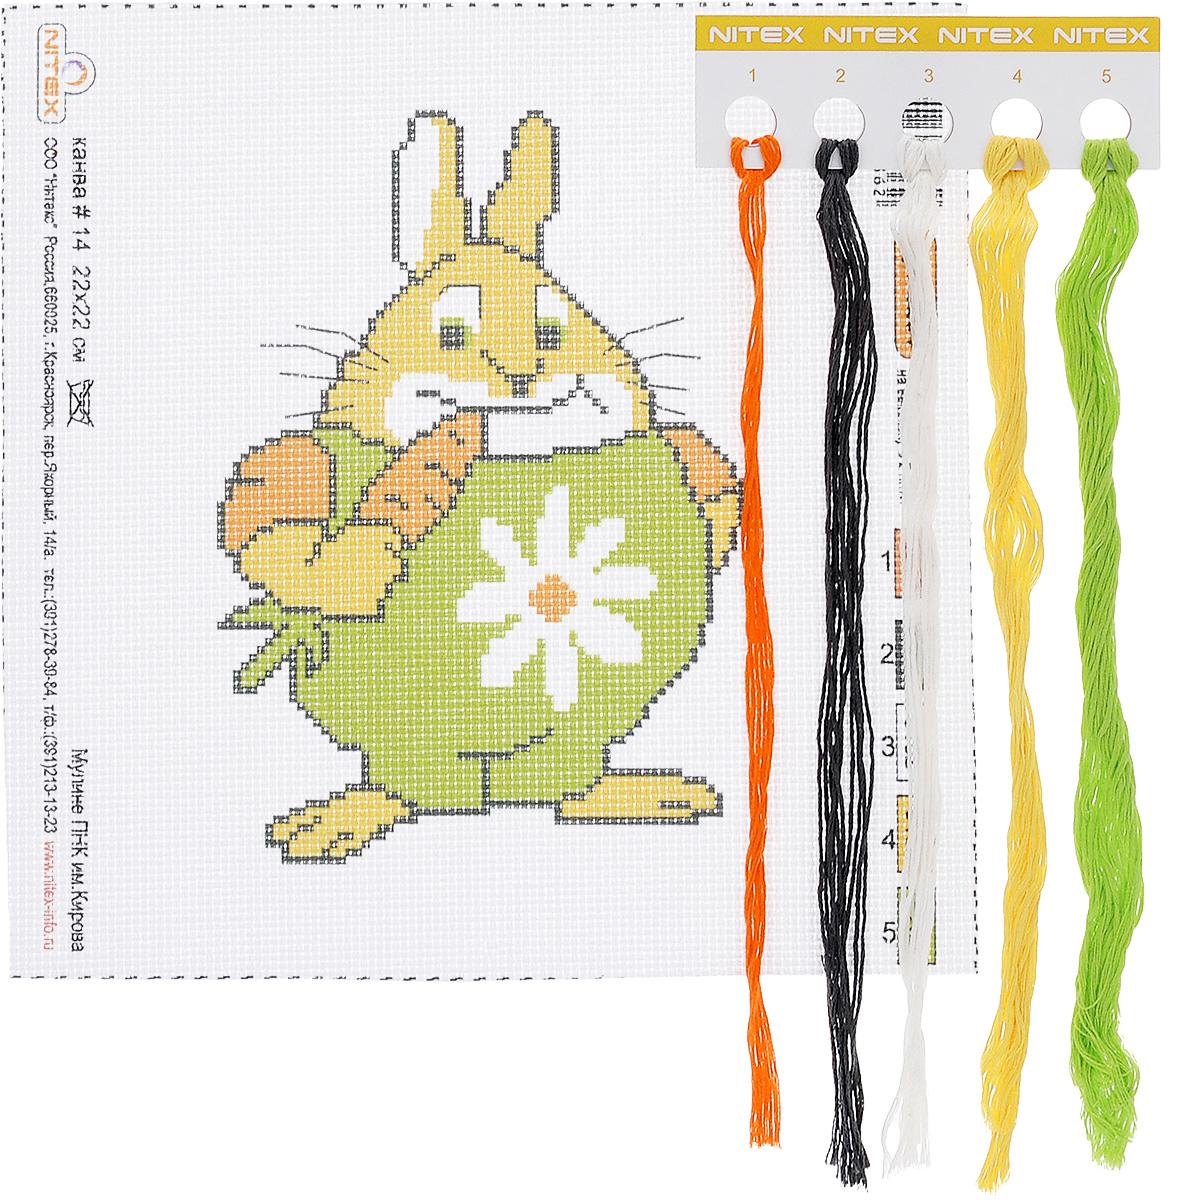 Набор для вышивания крестом Nitex Кролик, 22 см х 22 см7706996Набор для вышивания Nitex Кролик поможет вам создать свой личный шедевр - красивую картину, вышитую нитками в технике счетный крест. Работа, выполненная своими руками, станет отличным подарком для друзей и близких! Набор содержит: - канва №14 белого цвета с нанесенным рисунком (22 см х 22 см, 100% хлопок), - вышивальные нитки-мулине (5 цветов, 100% хлопок).